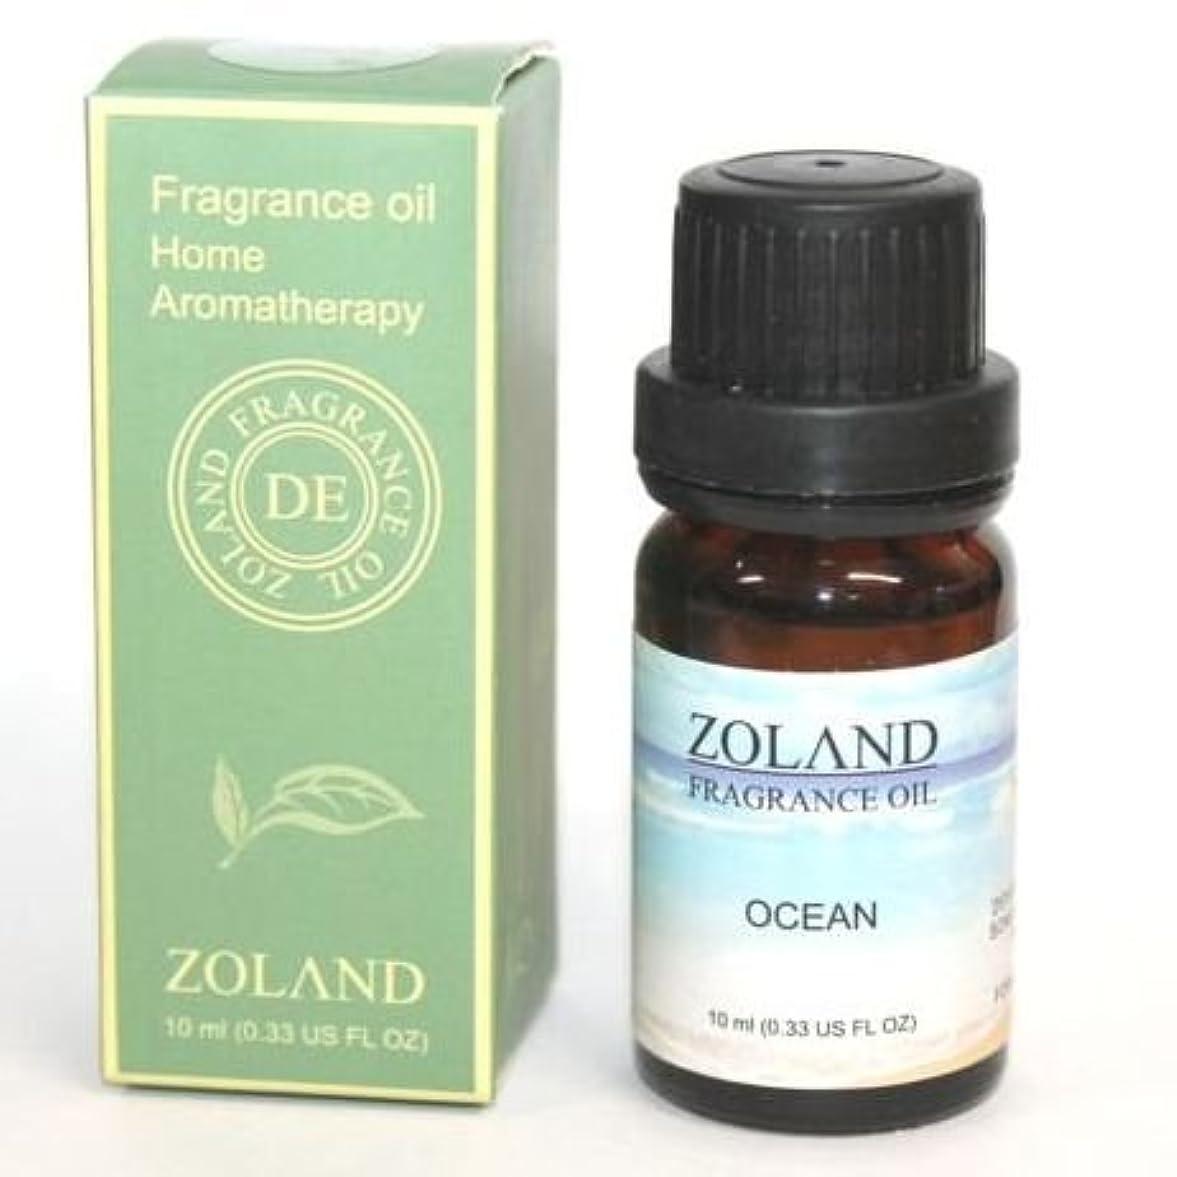 トラフ優遇免疫ZOLAND アロマオイル AROMA OIL フレグランスオイル OCEAN オーシャン 海の香り ZQ-6